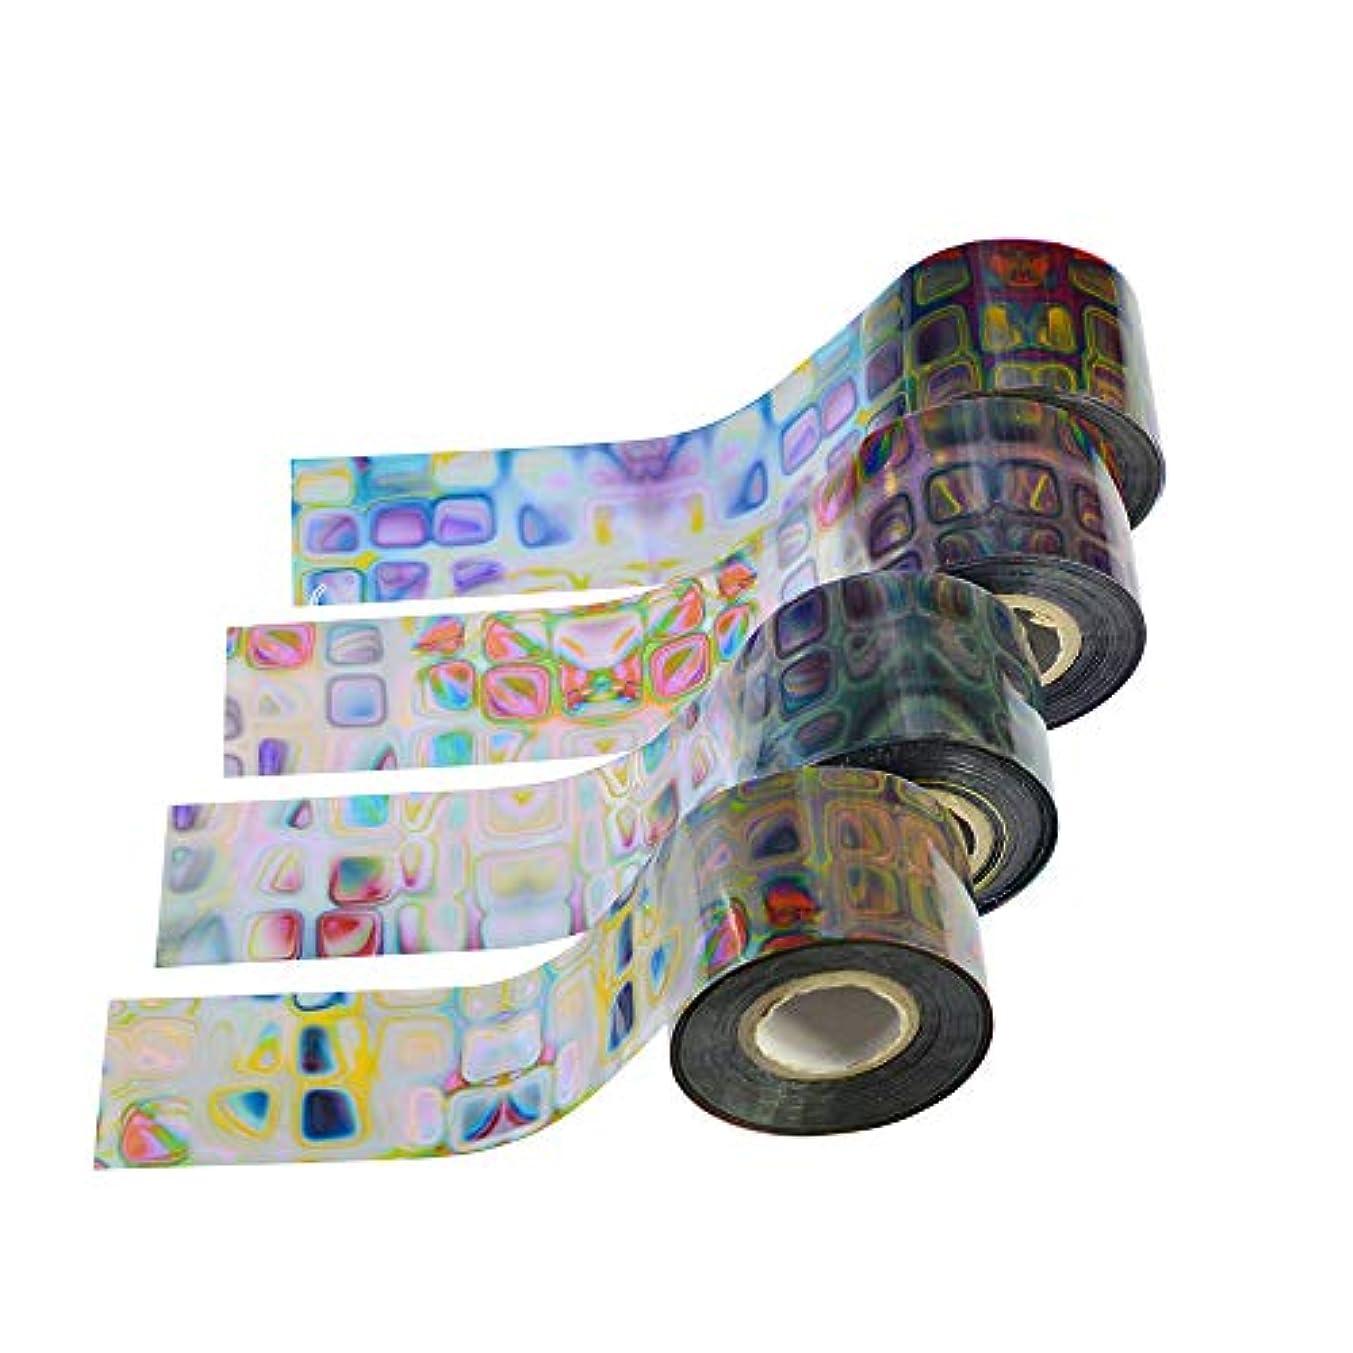 瞑想的評議会中級SUKTI&XIAO ネイルステッカー 16ロール迷路グラデーション星空スカイホイルネイルアート転写ステッカーデカールラップマニキュア装飾diy接着剤